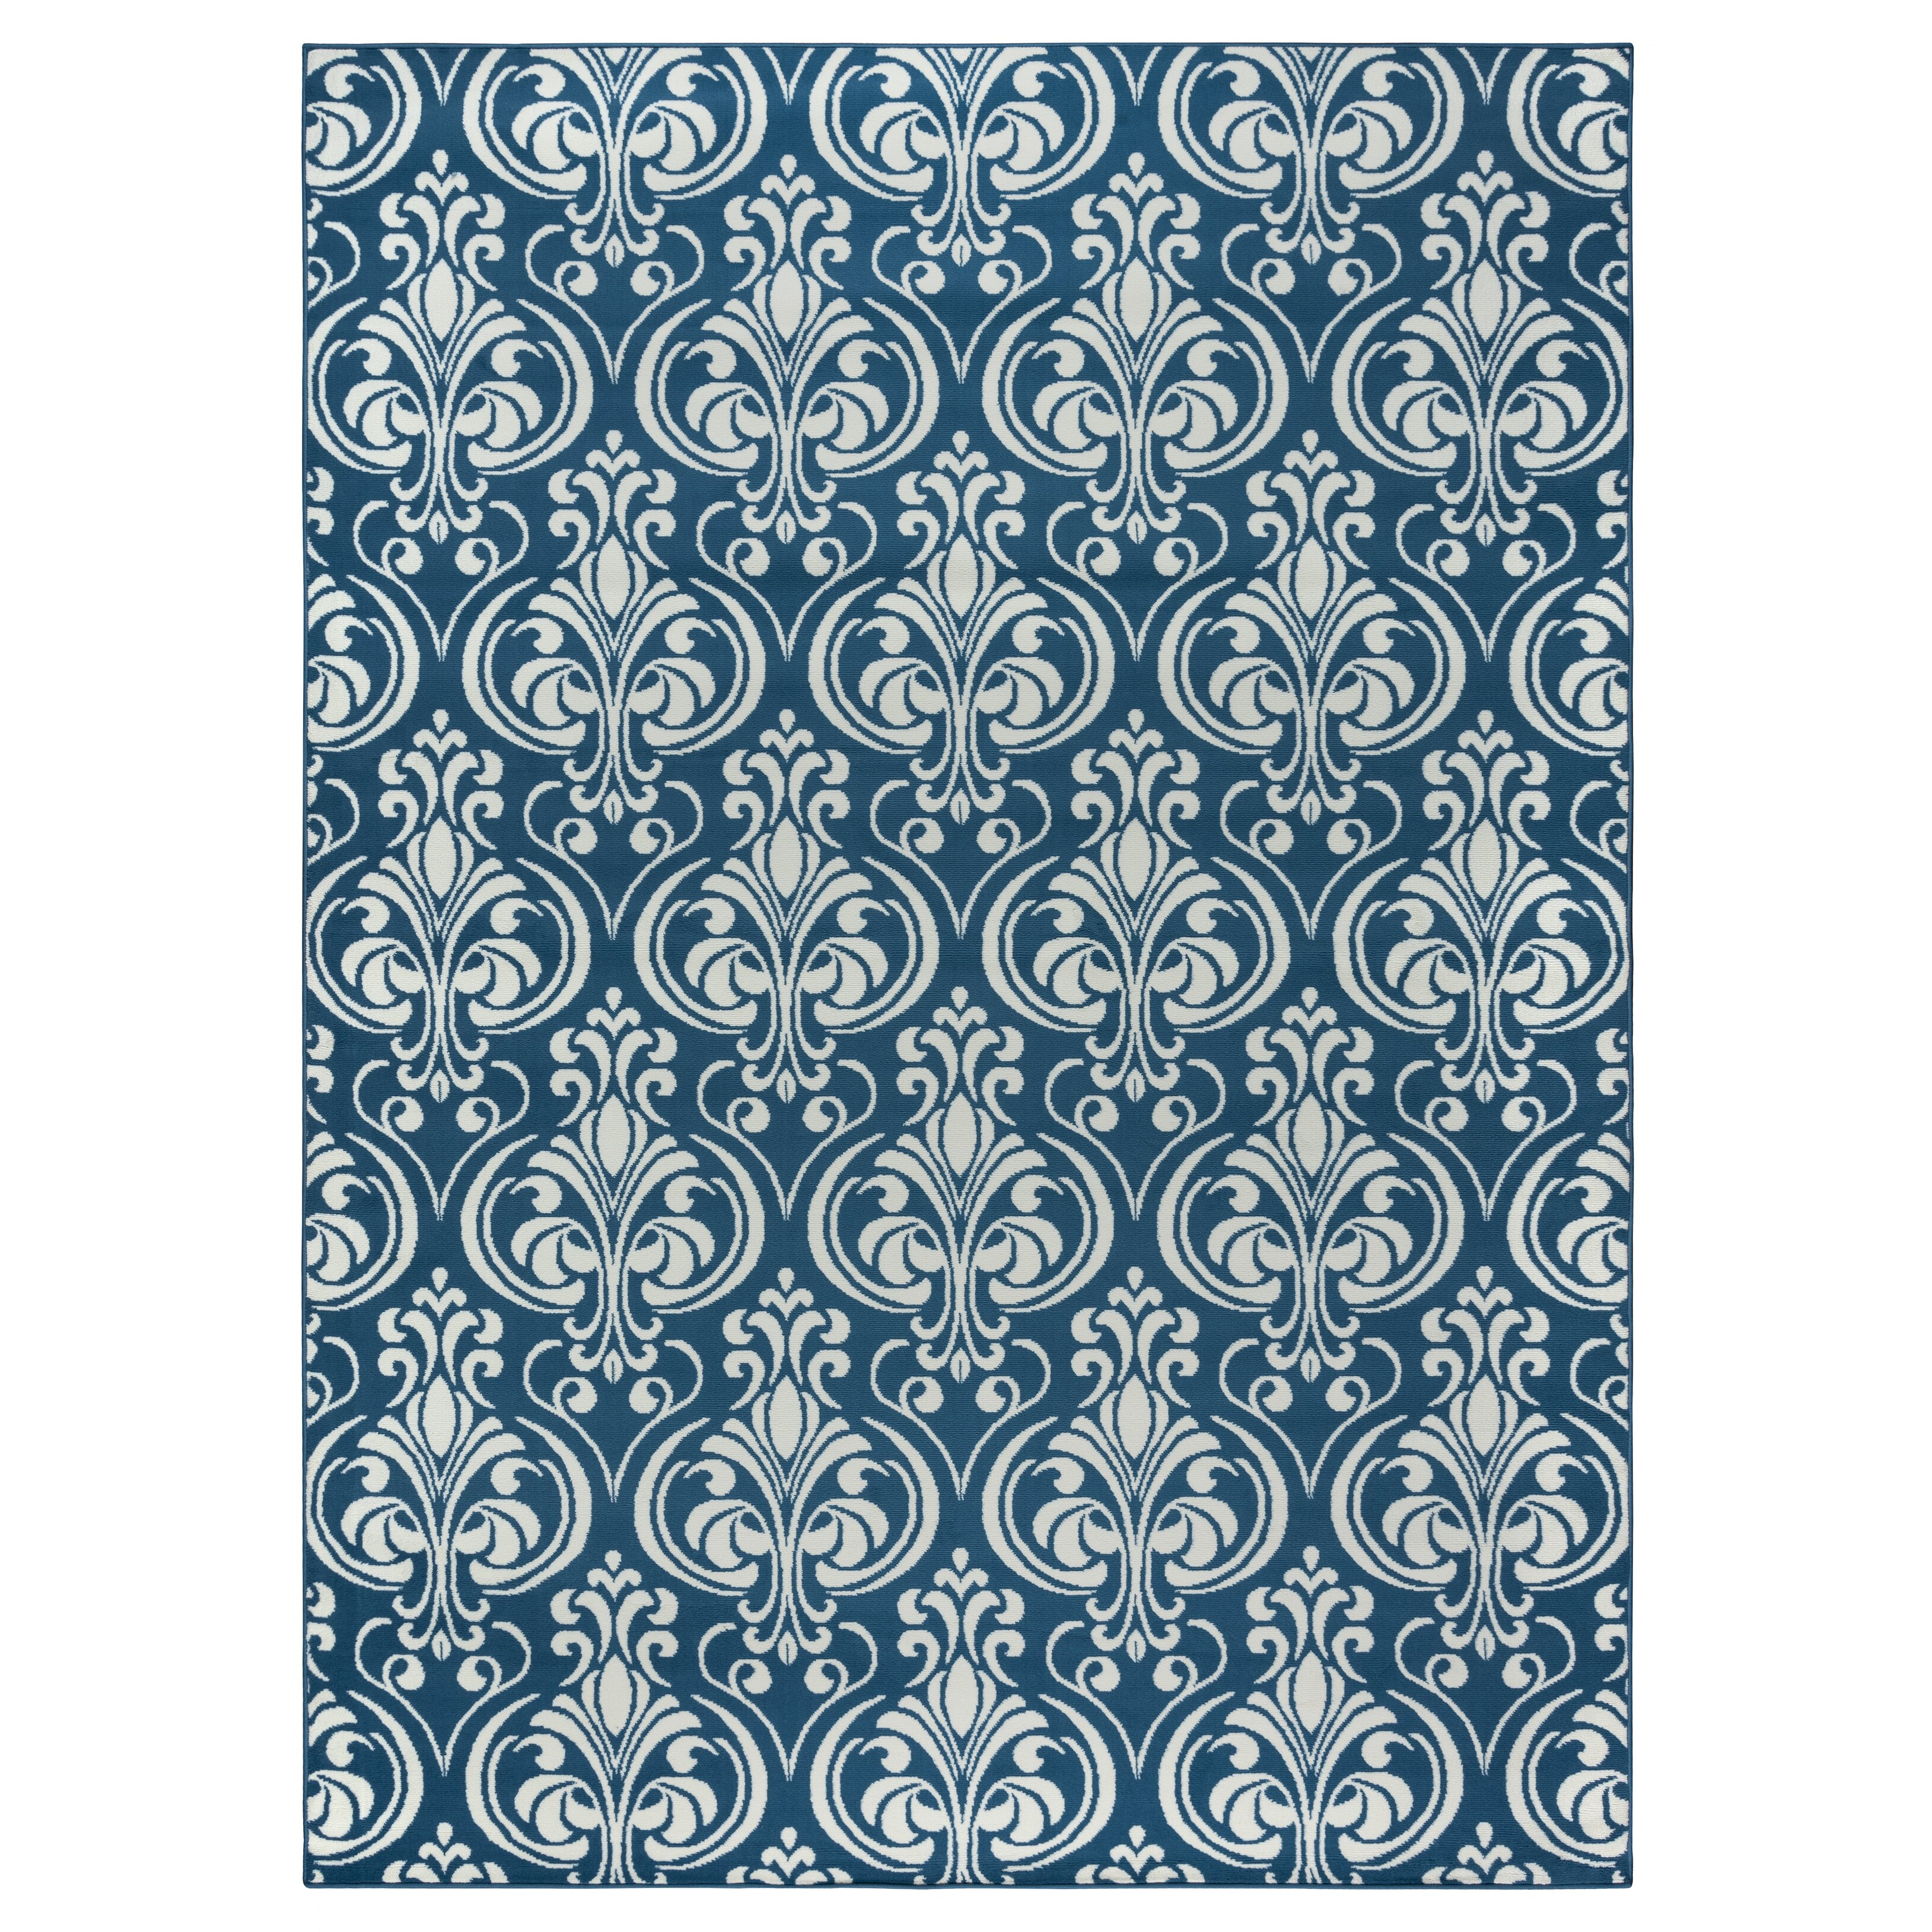 Andover mills pearl blue indoor outdoor area rug reviews for Blue indoor outdoor rug